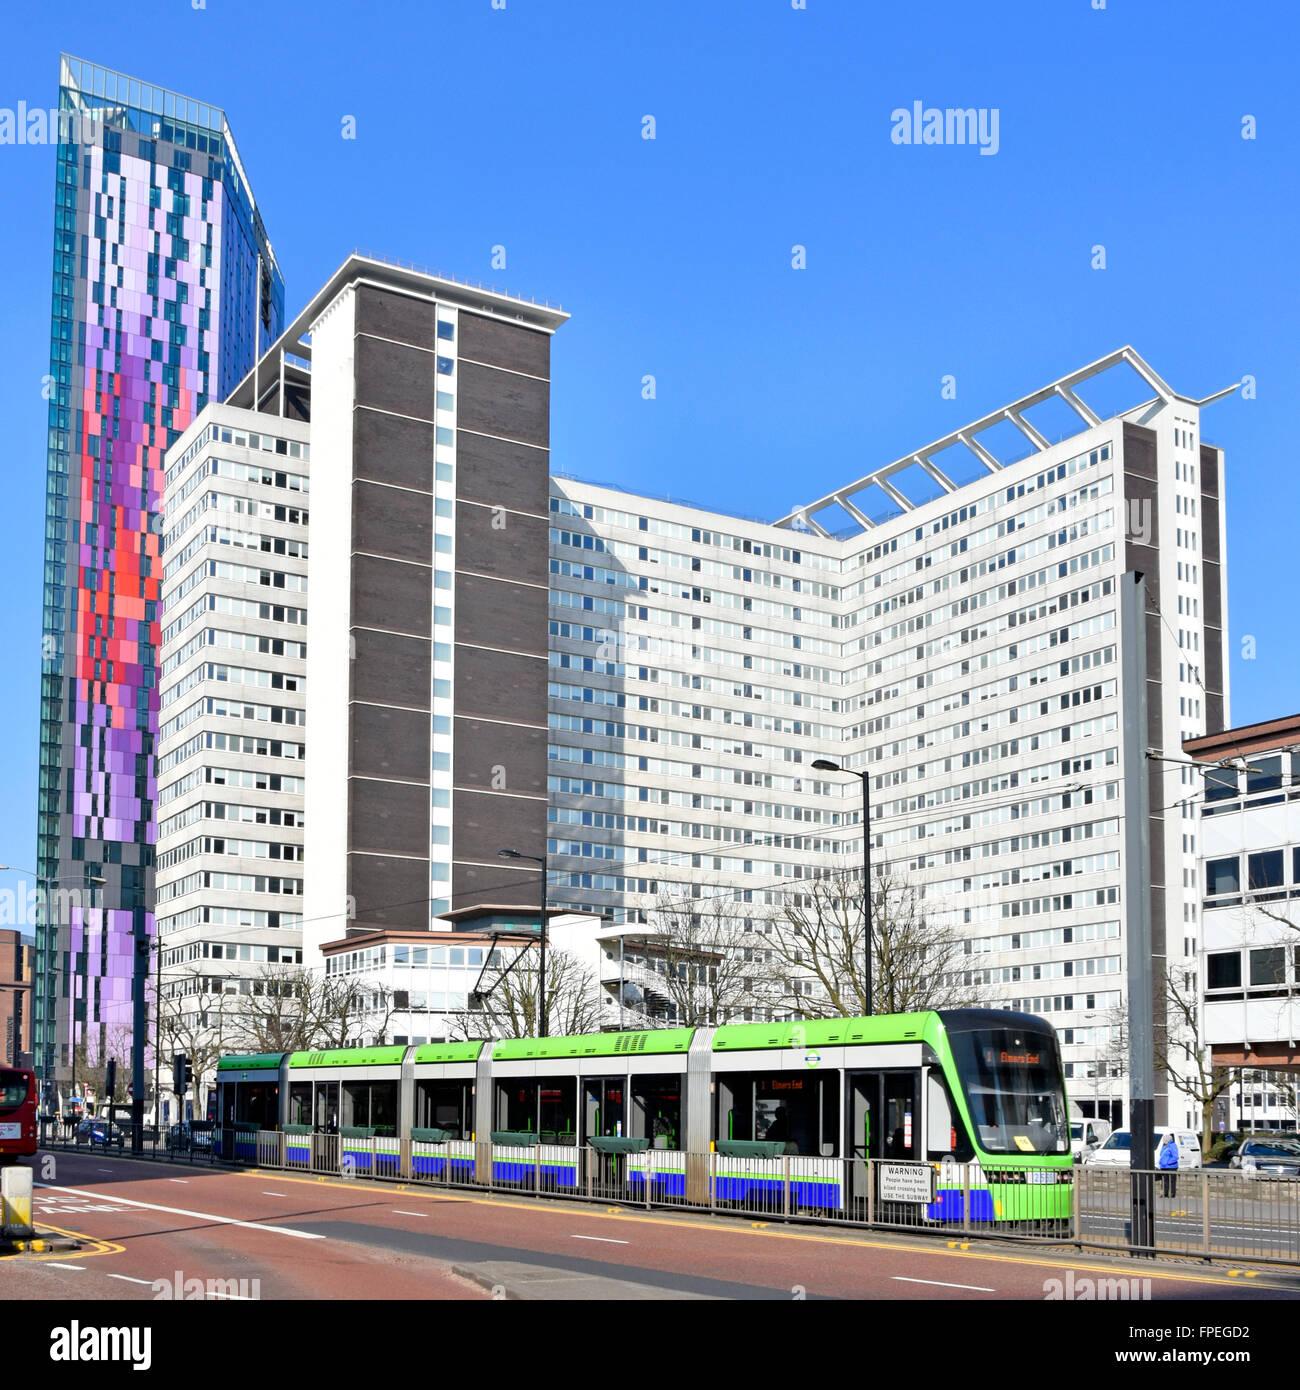 Passage de tramway Croydon House lunaire Home Office UK Les visas et l'Immigration la construction de nouveaux ministères Banque D'Images